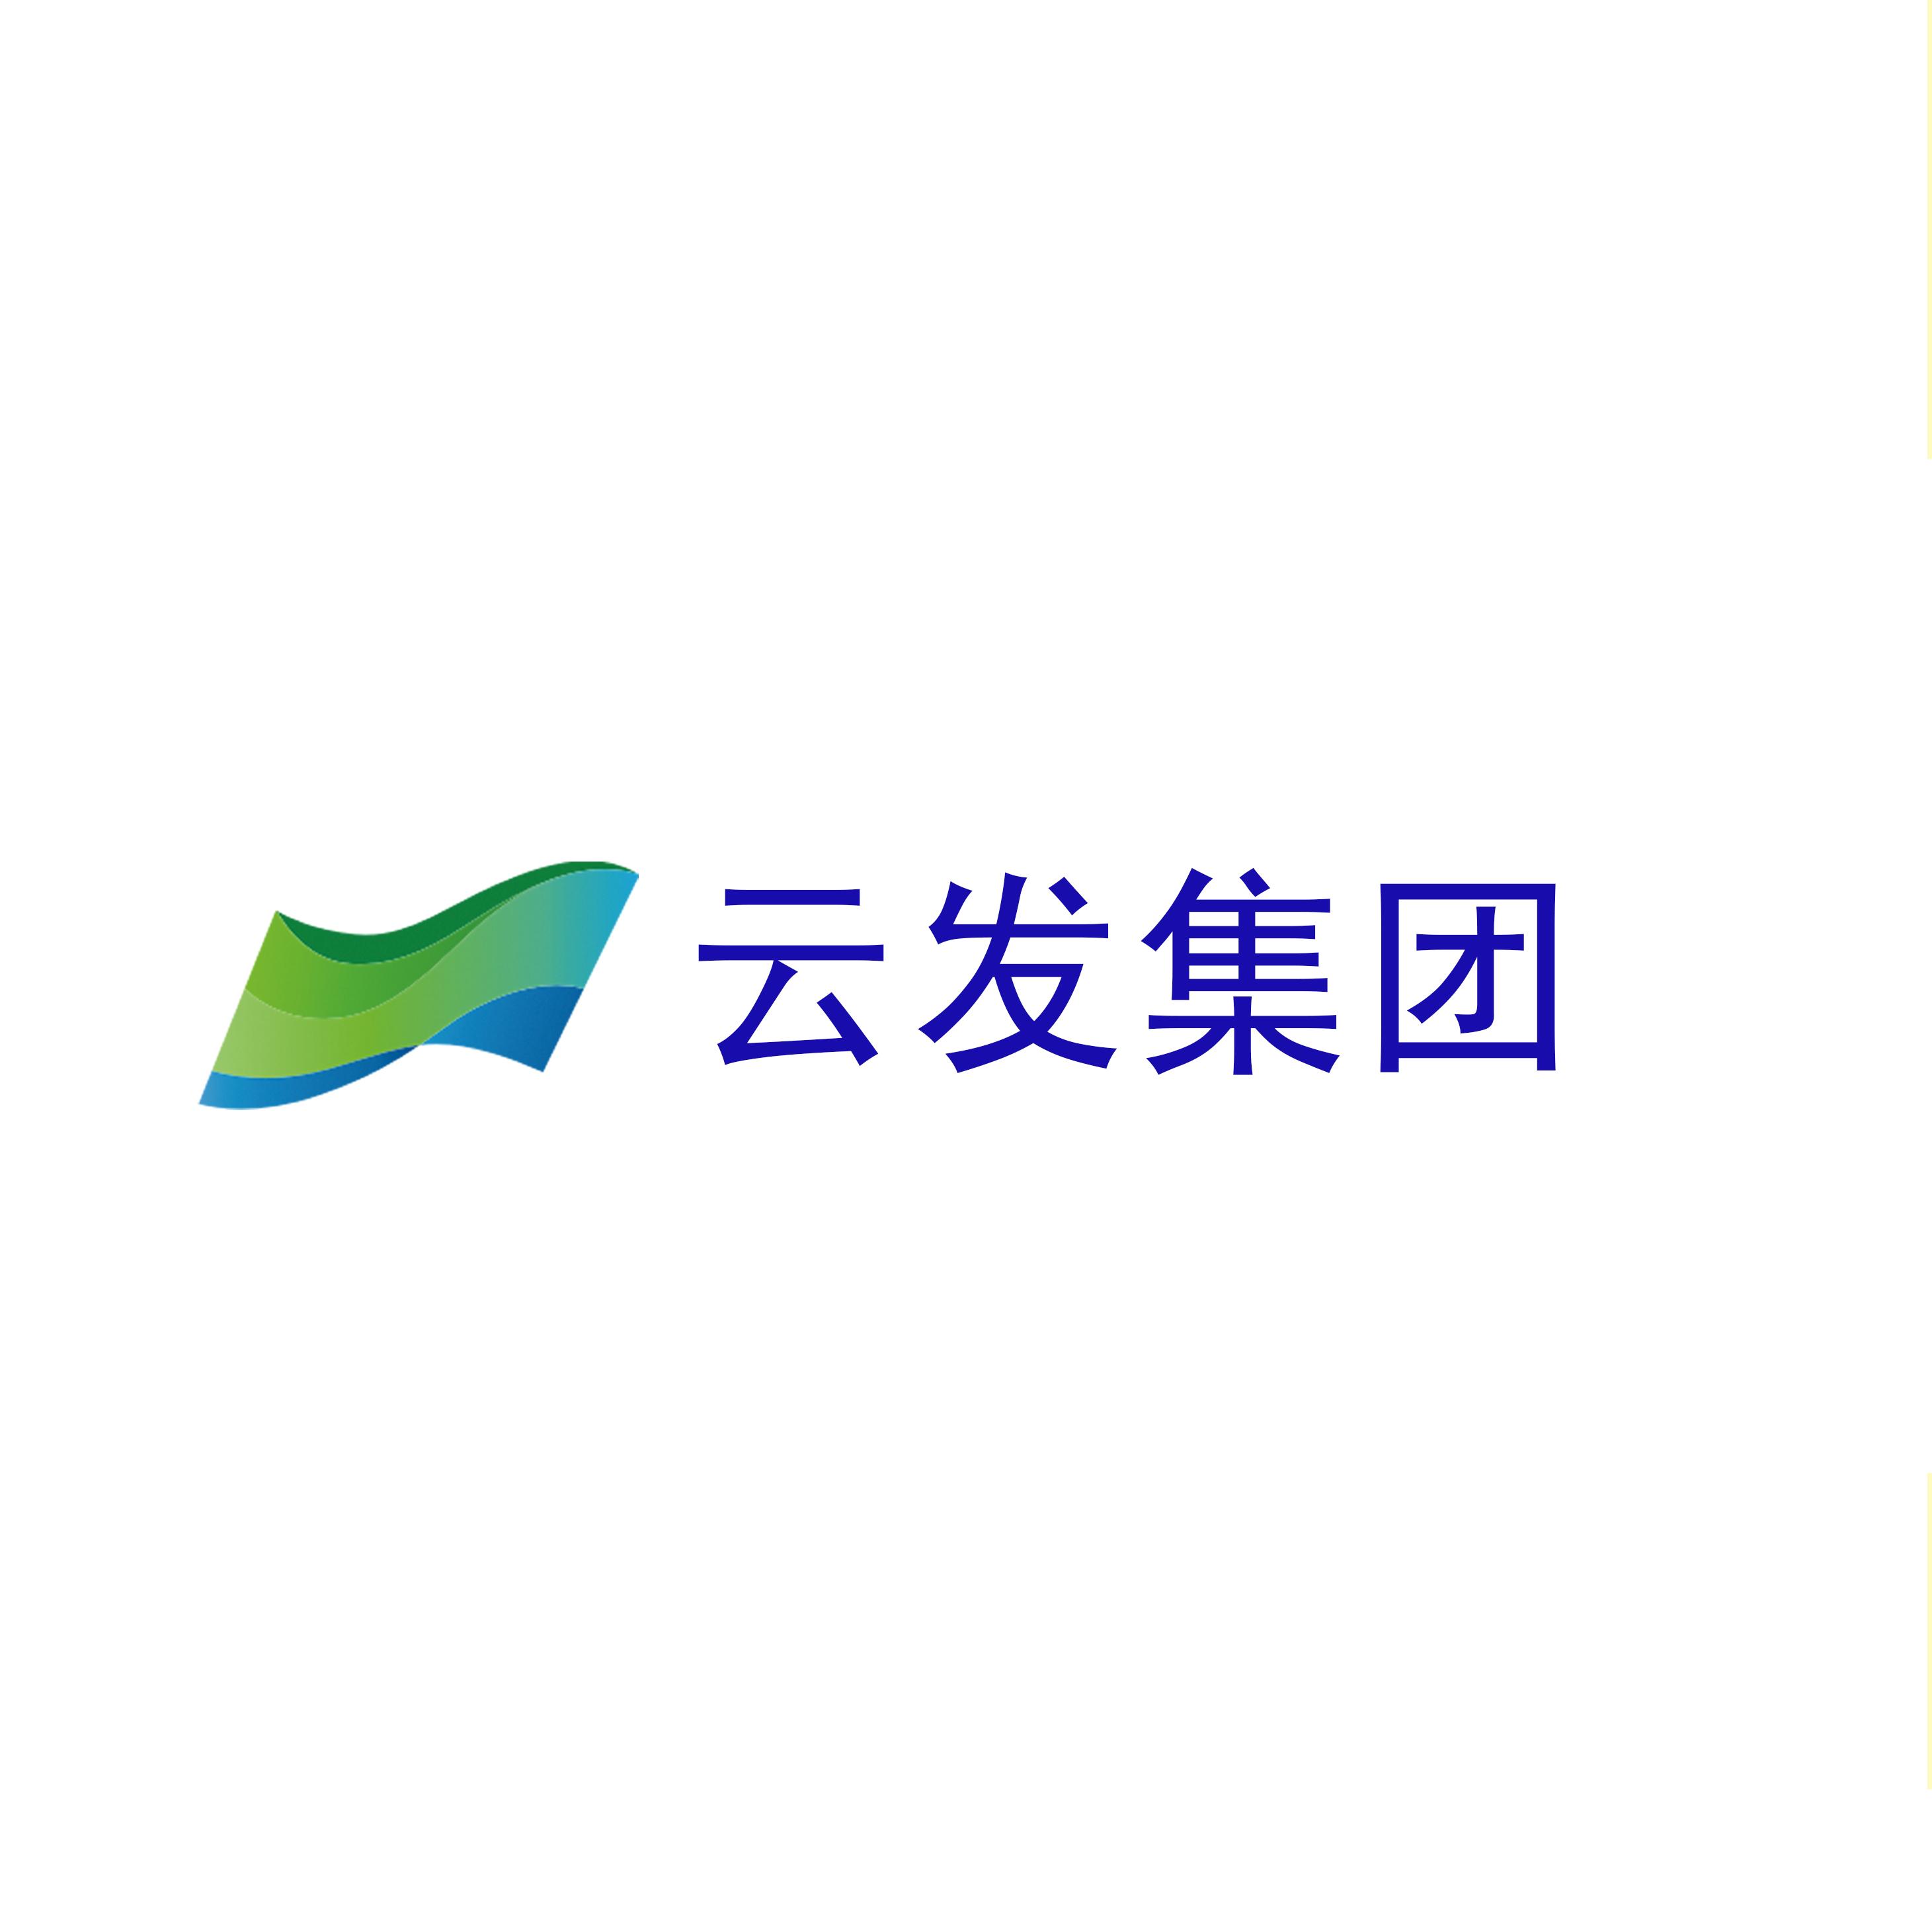 株洲市云龙发展投资控股集团有限公司